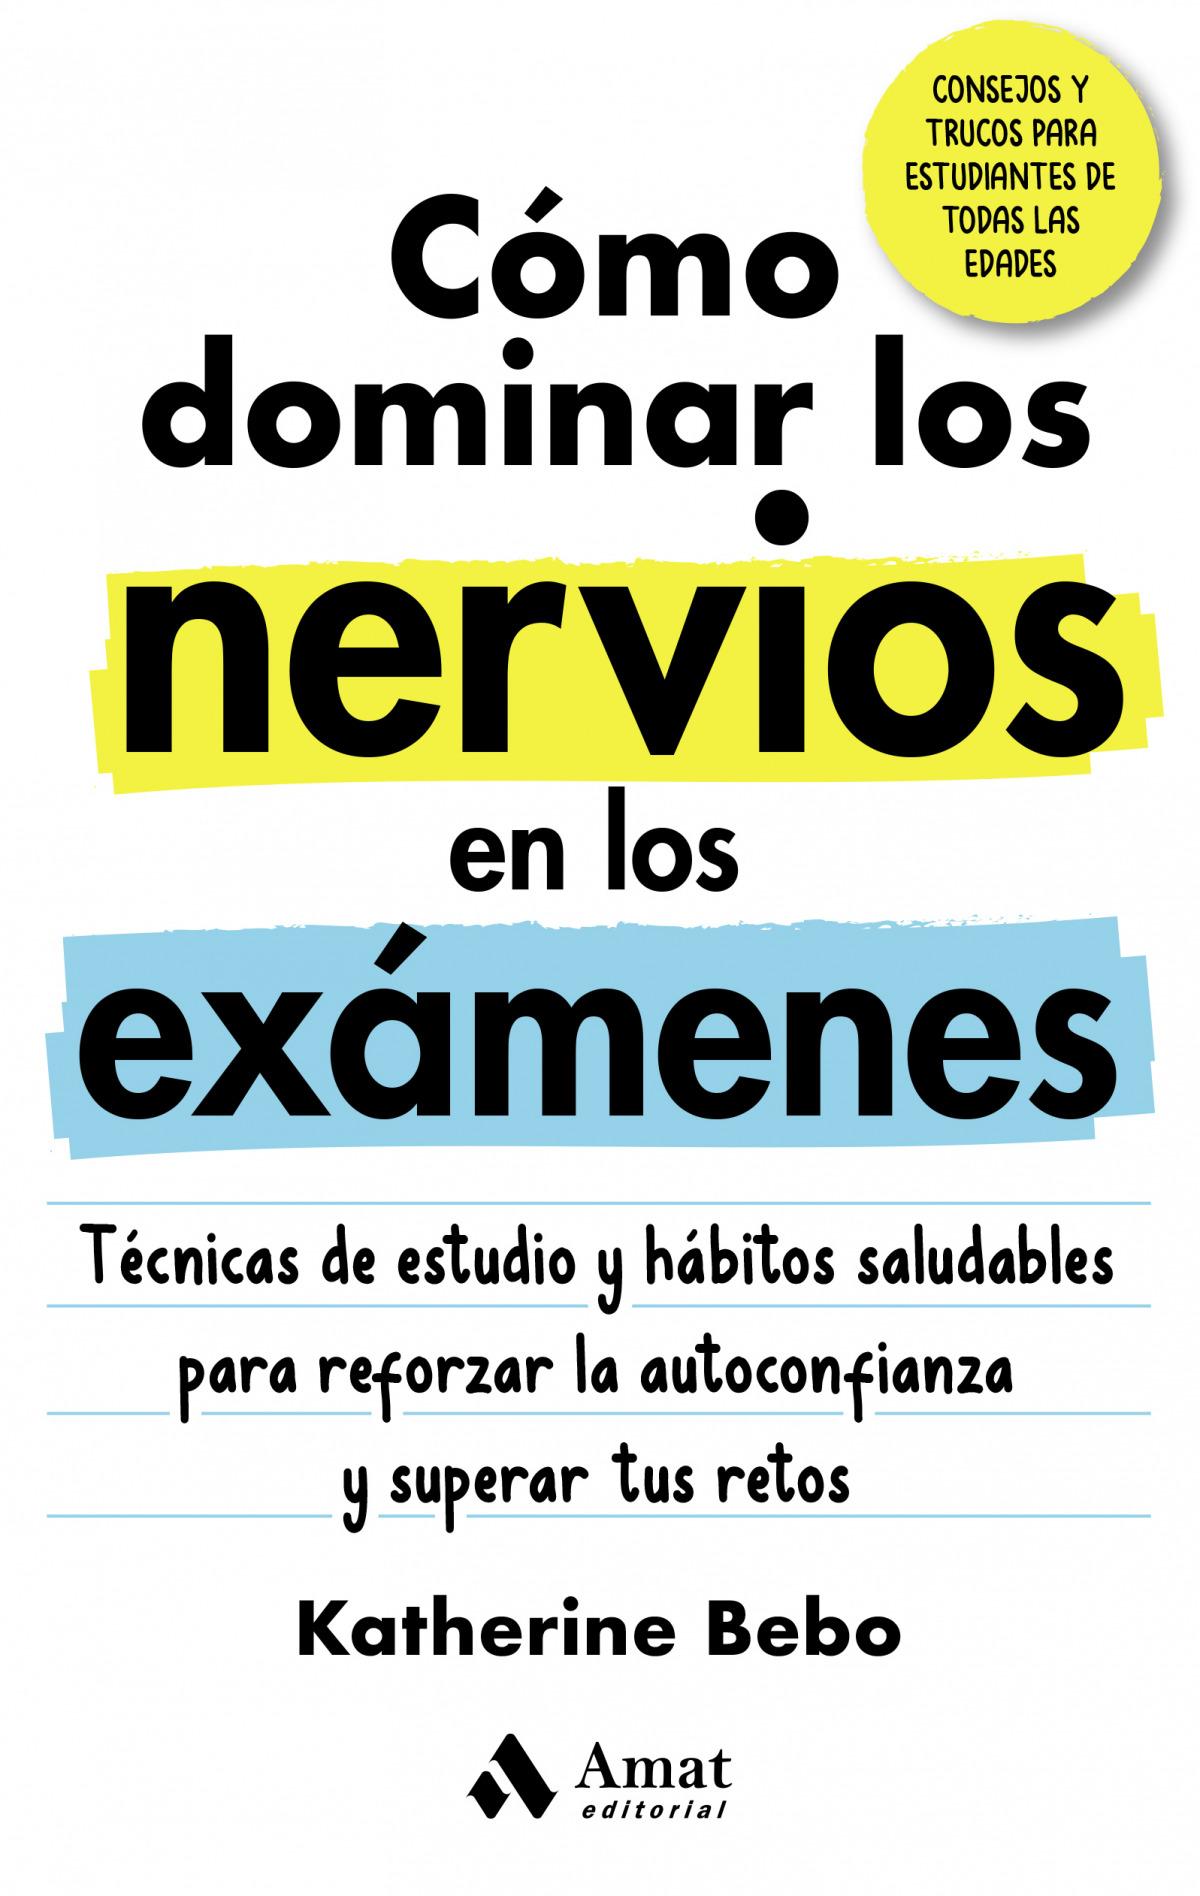 Cómo dominar los nervios en los exámenes